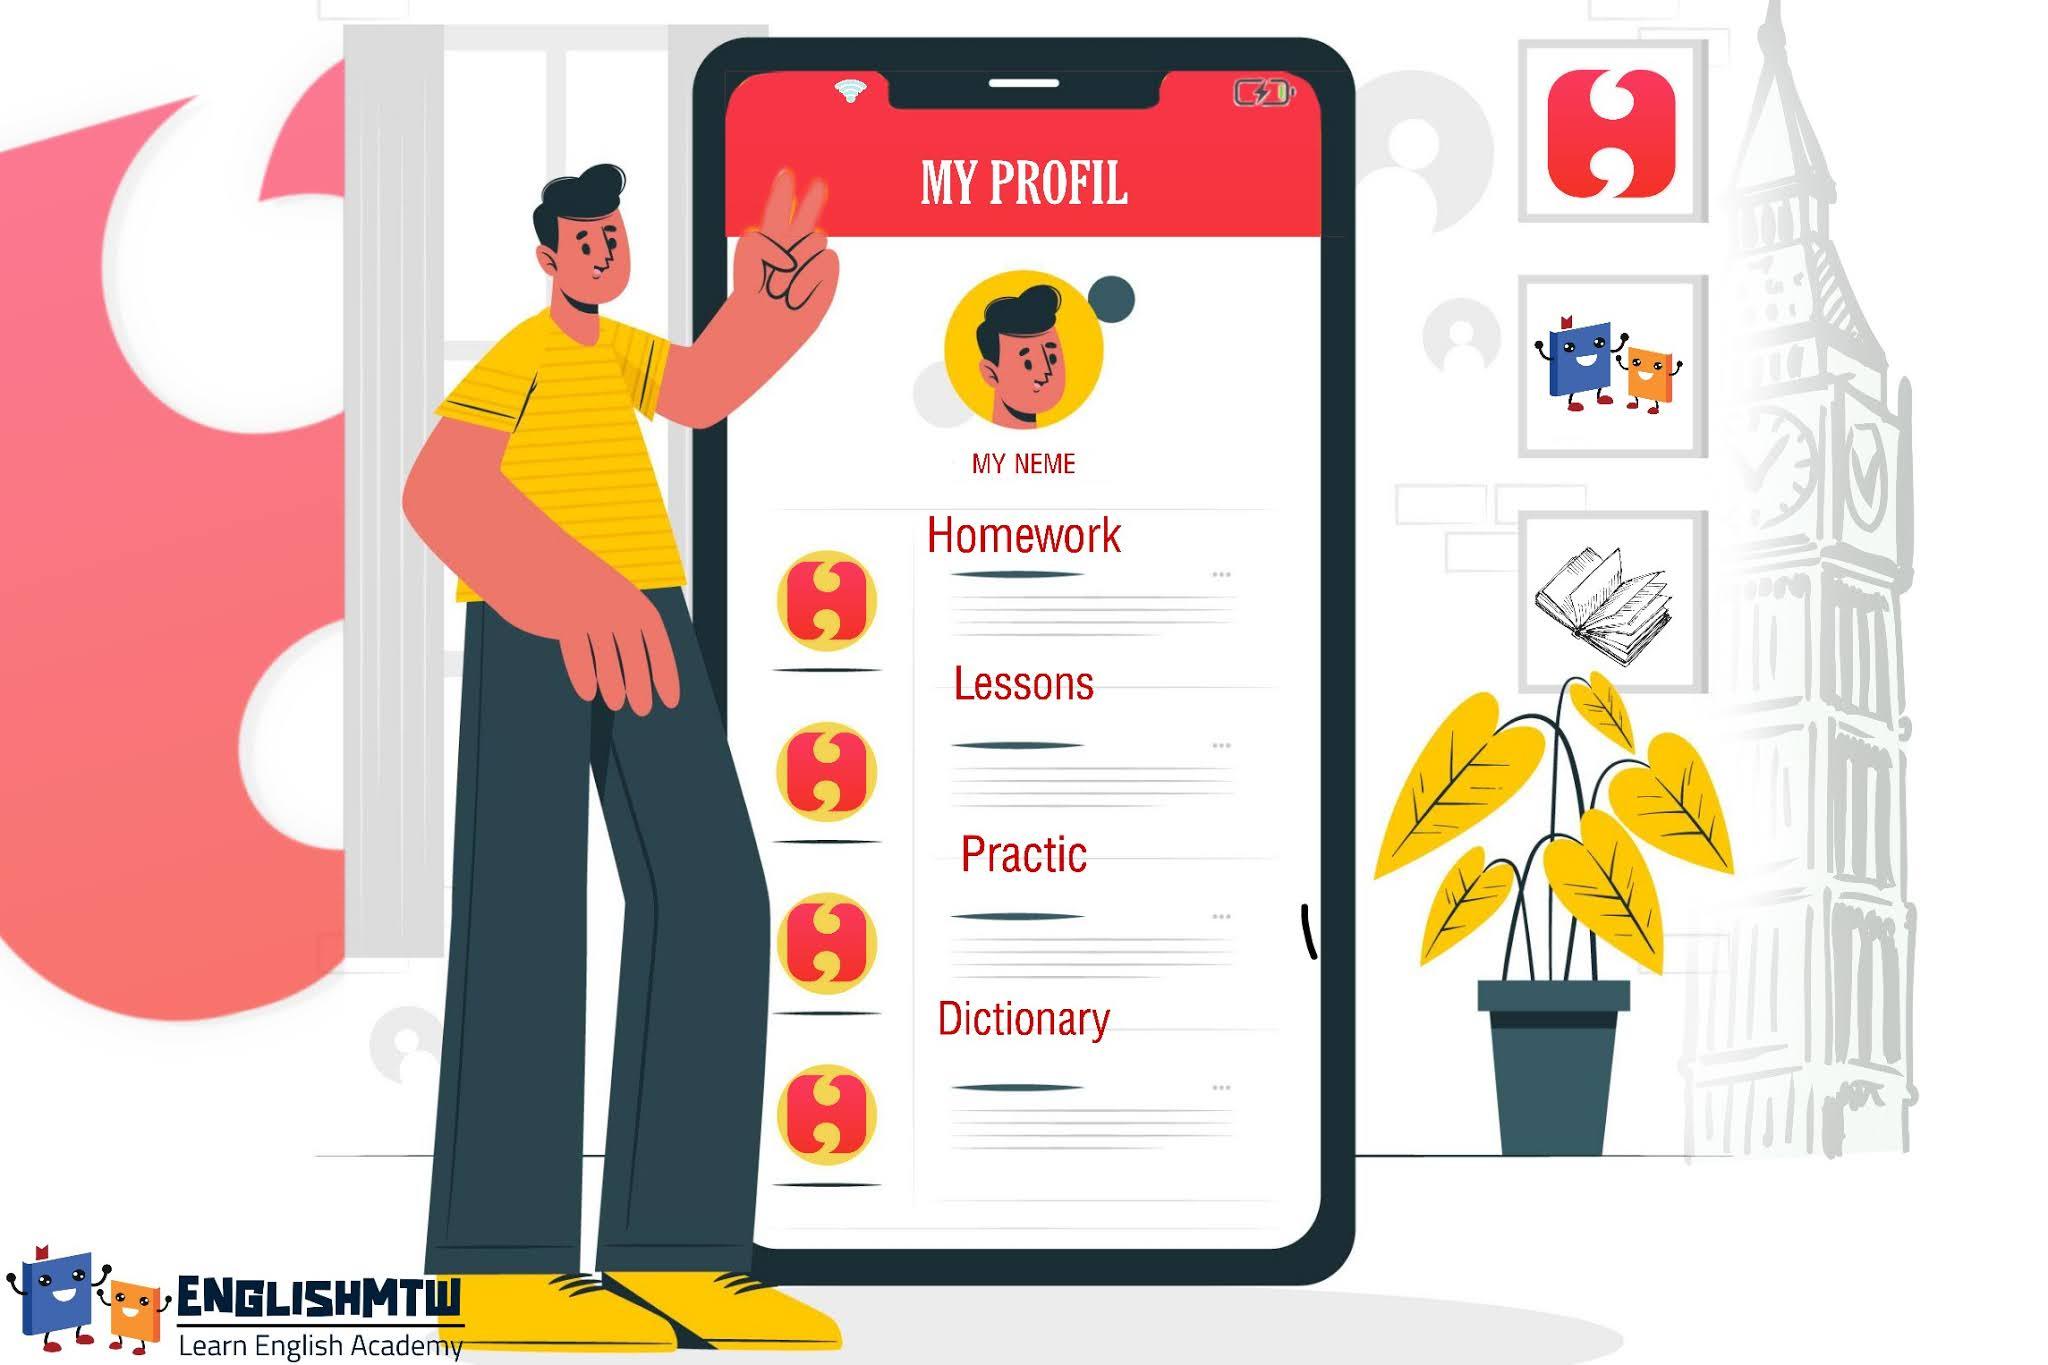 هل يجب عليك استخدام تطبيق Hello English لتعلم اللغة الانجليزية ؟